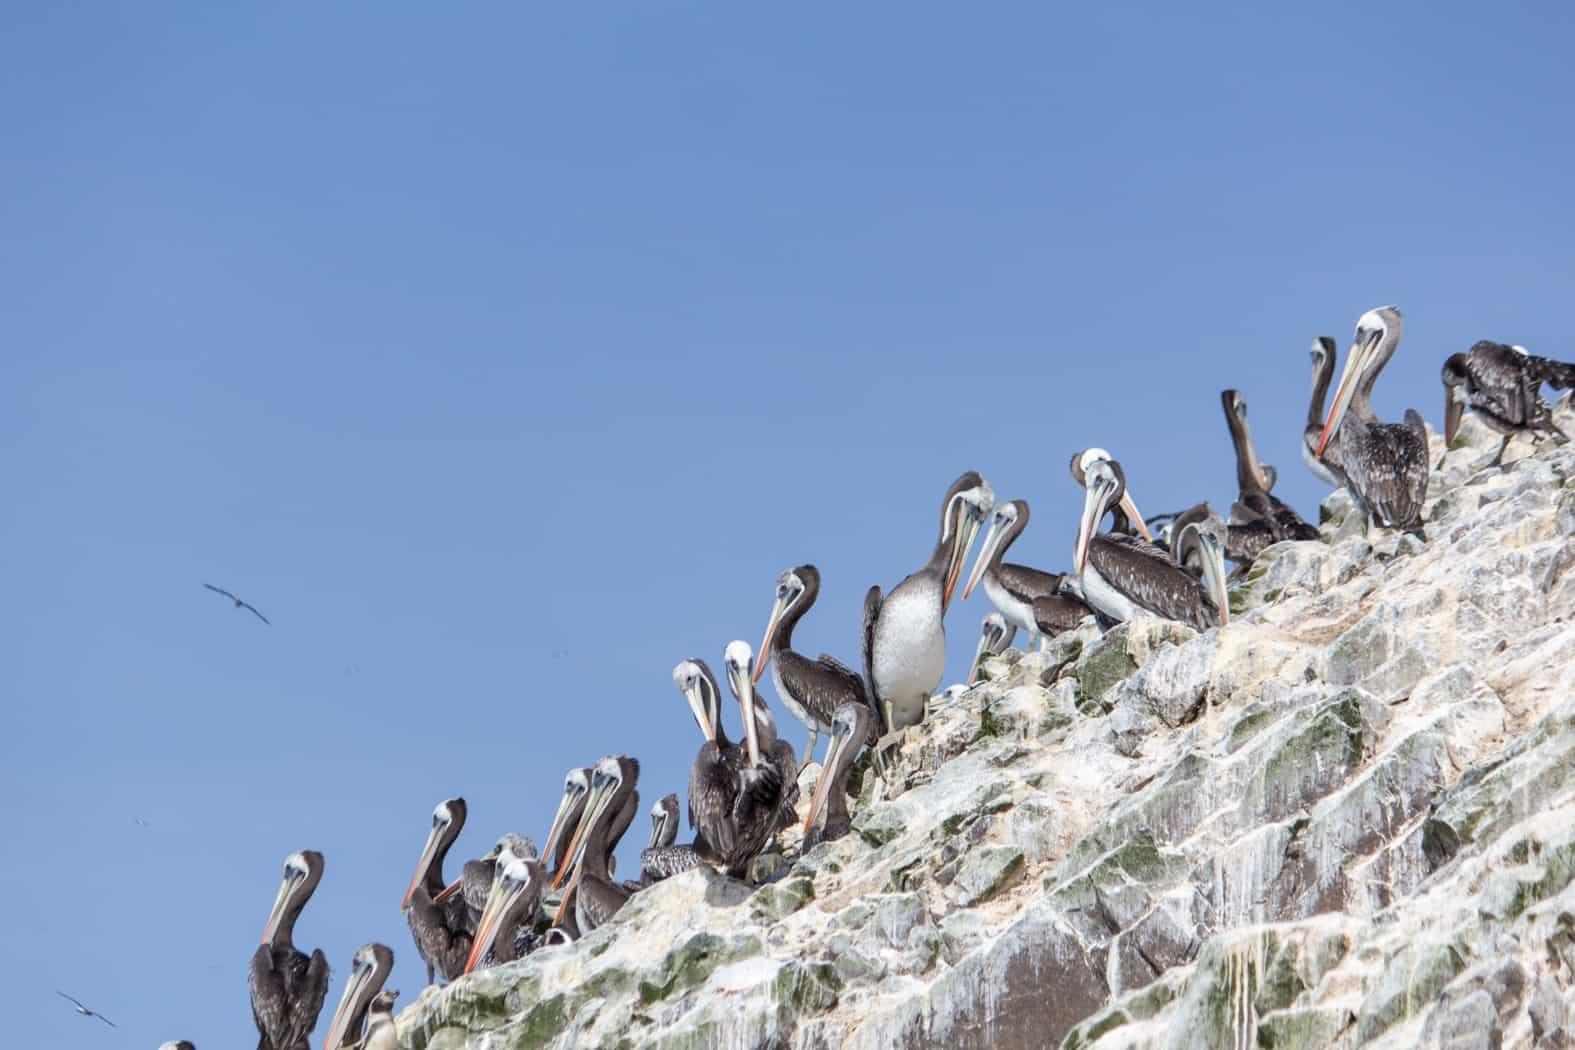 Islas-Ballestas-Paracas-15